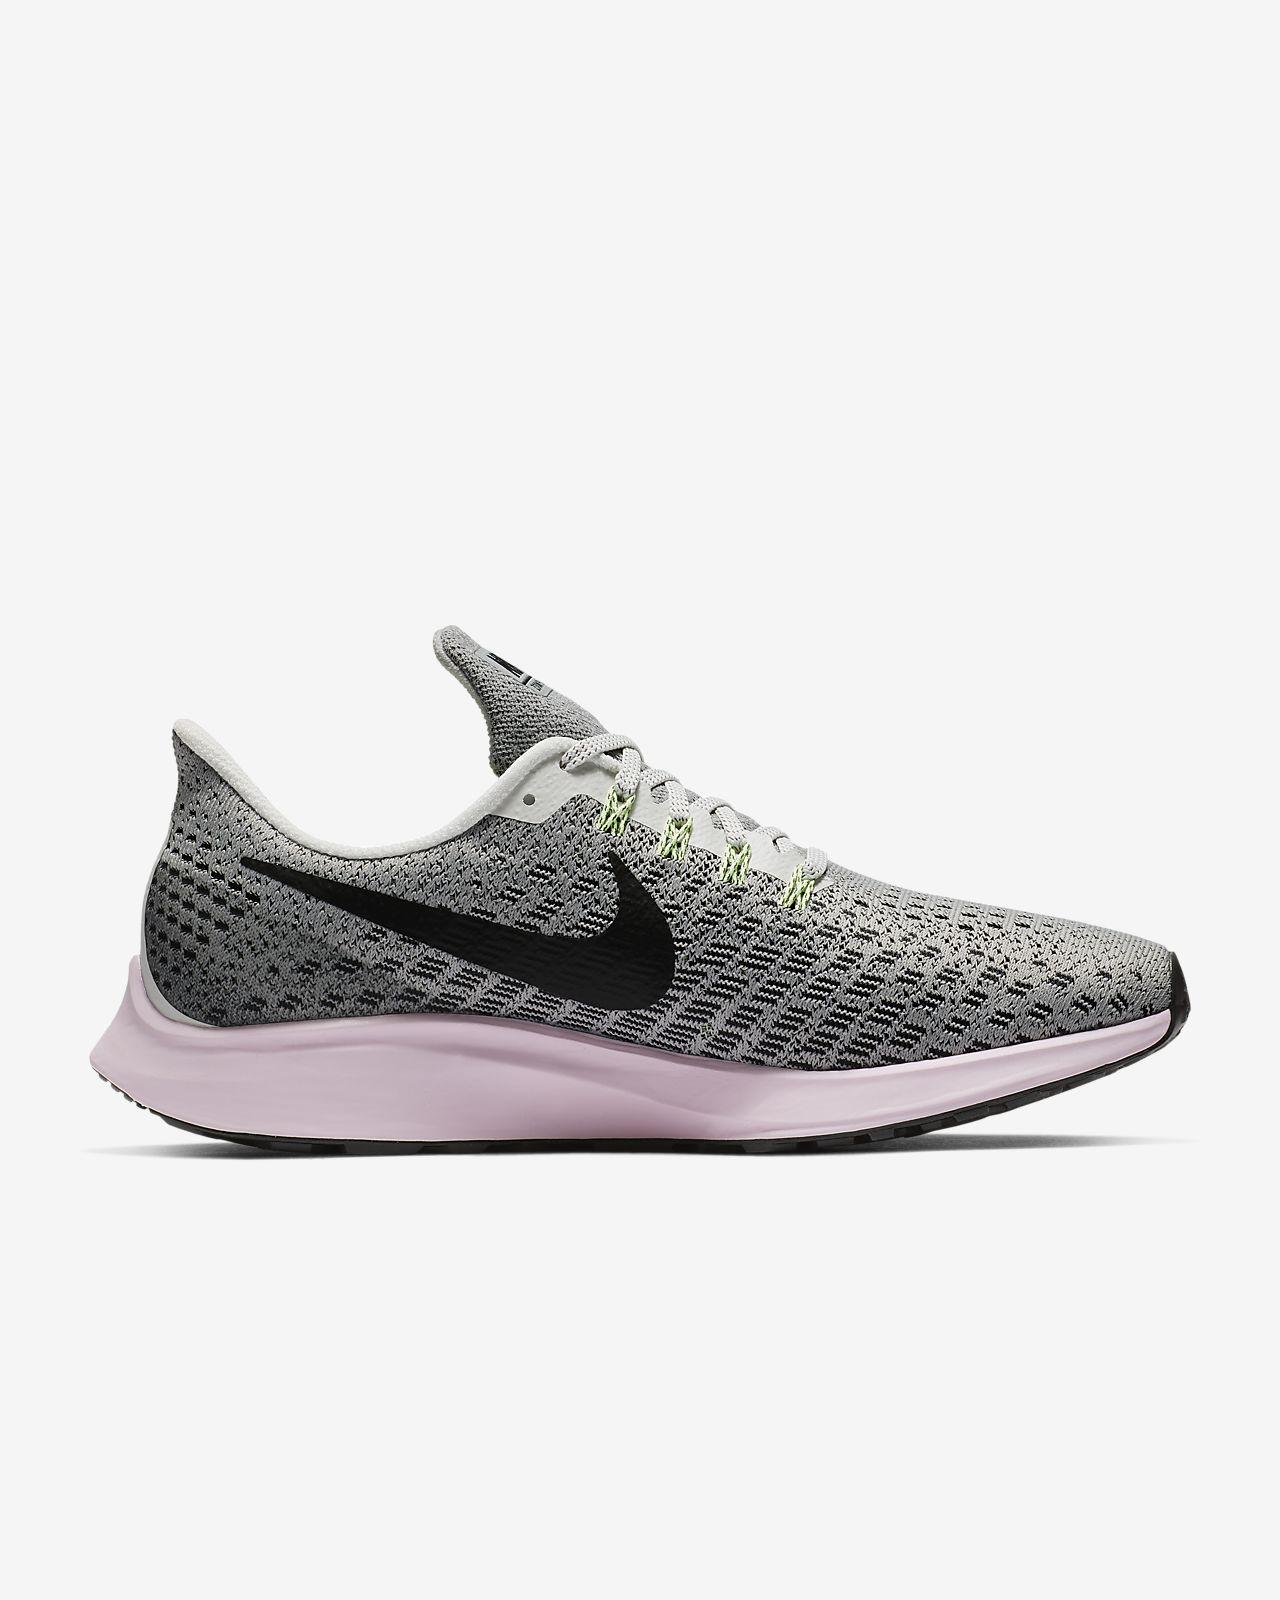 c64c47cc9066a Nike Air Zoom Pegasus 35 Women s Running Shoe. Nike.com